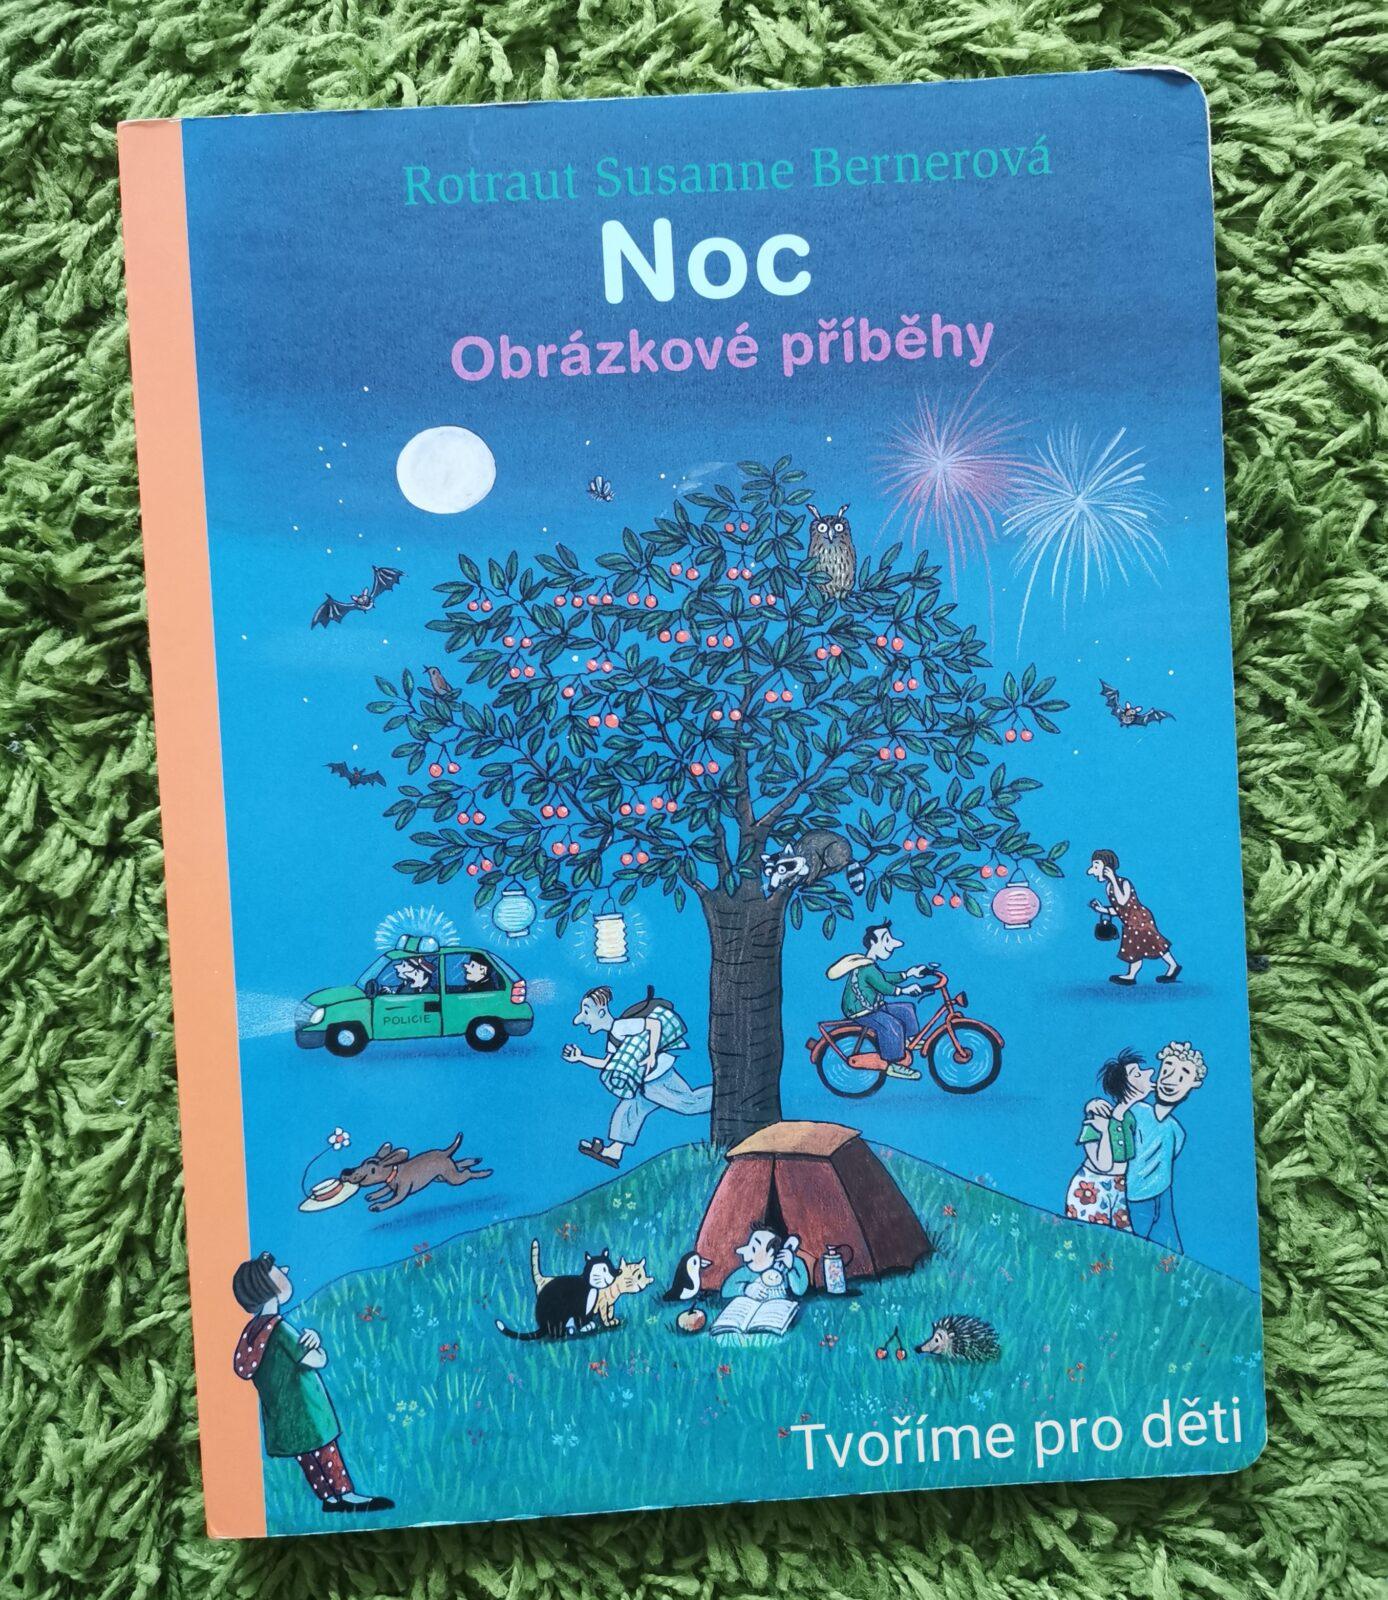 NOC (R.S.Bernerová)